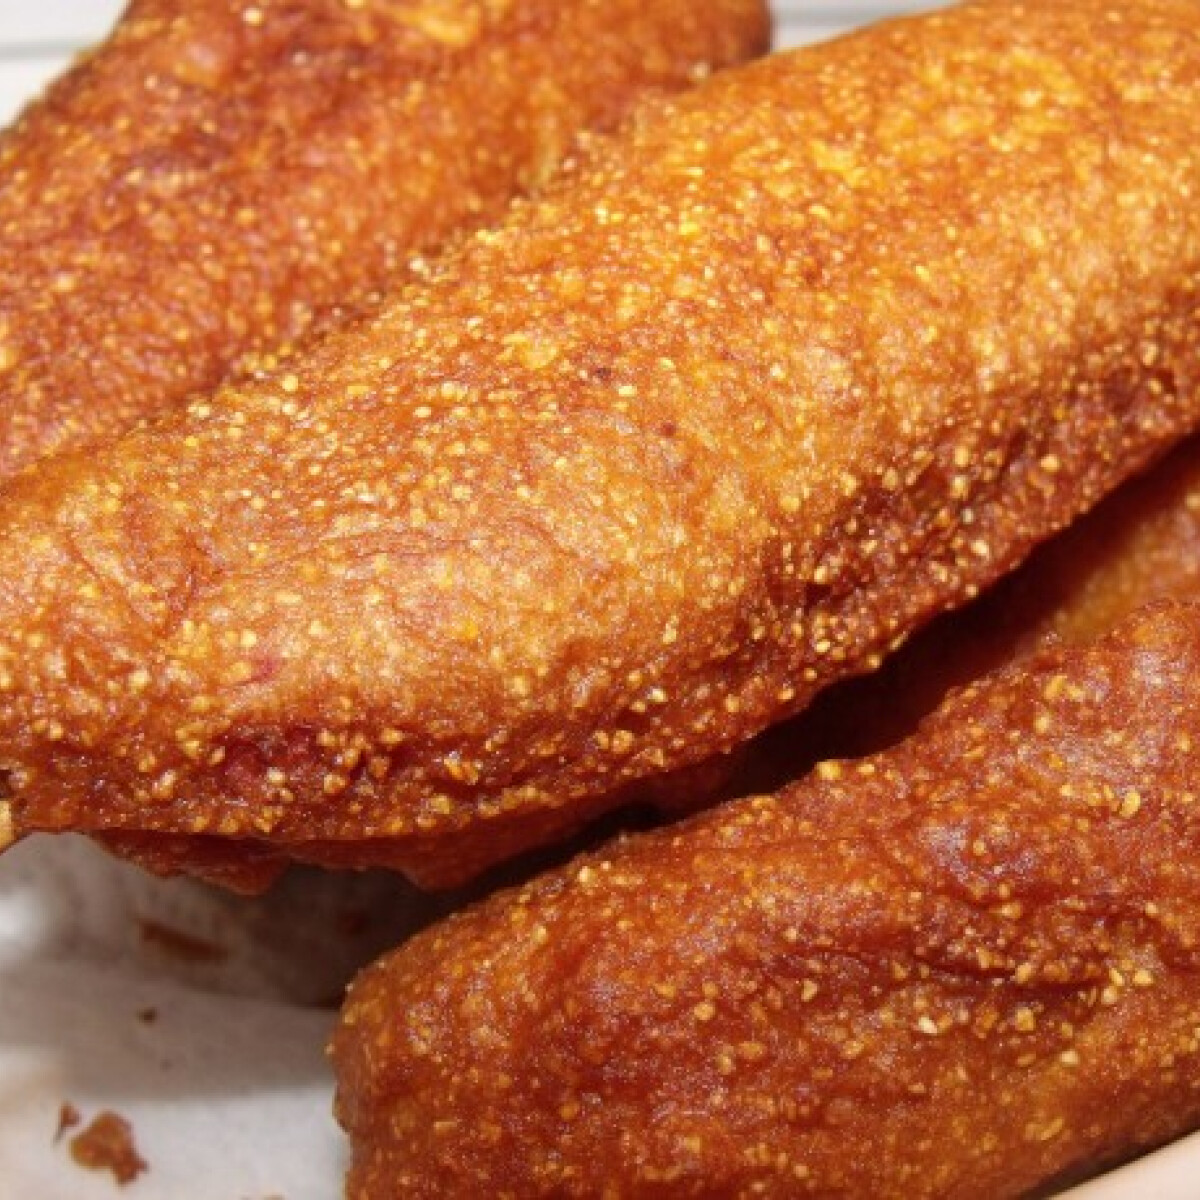 Ezen a képen: Corn dog ahogy ízek blogja készíti